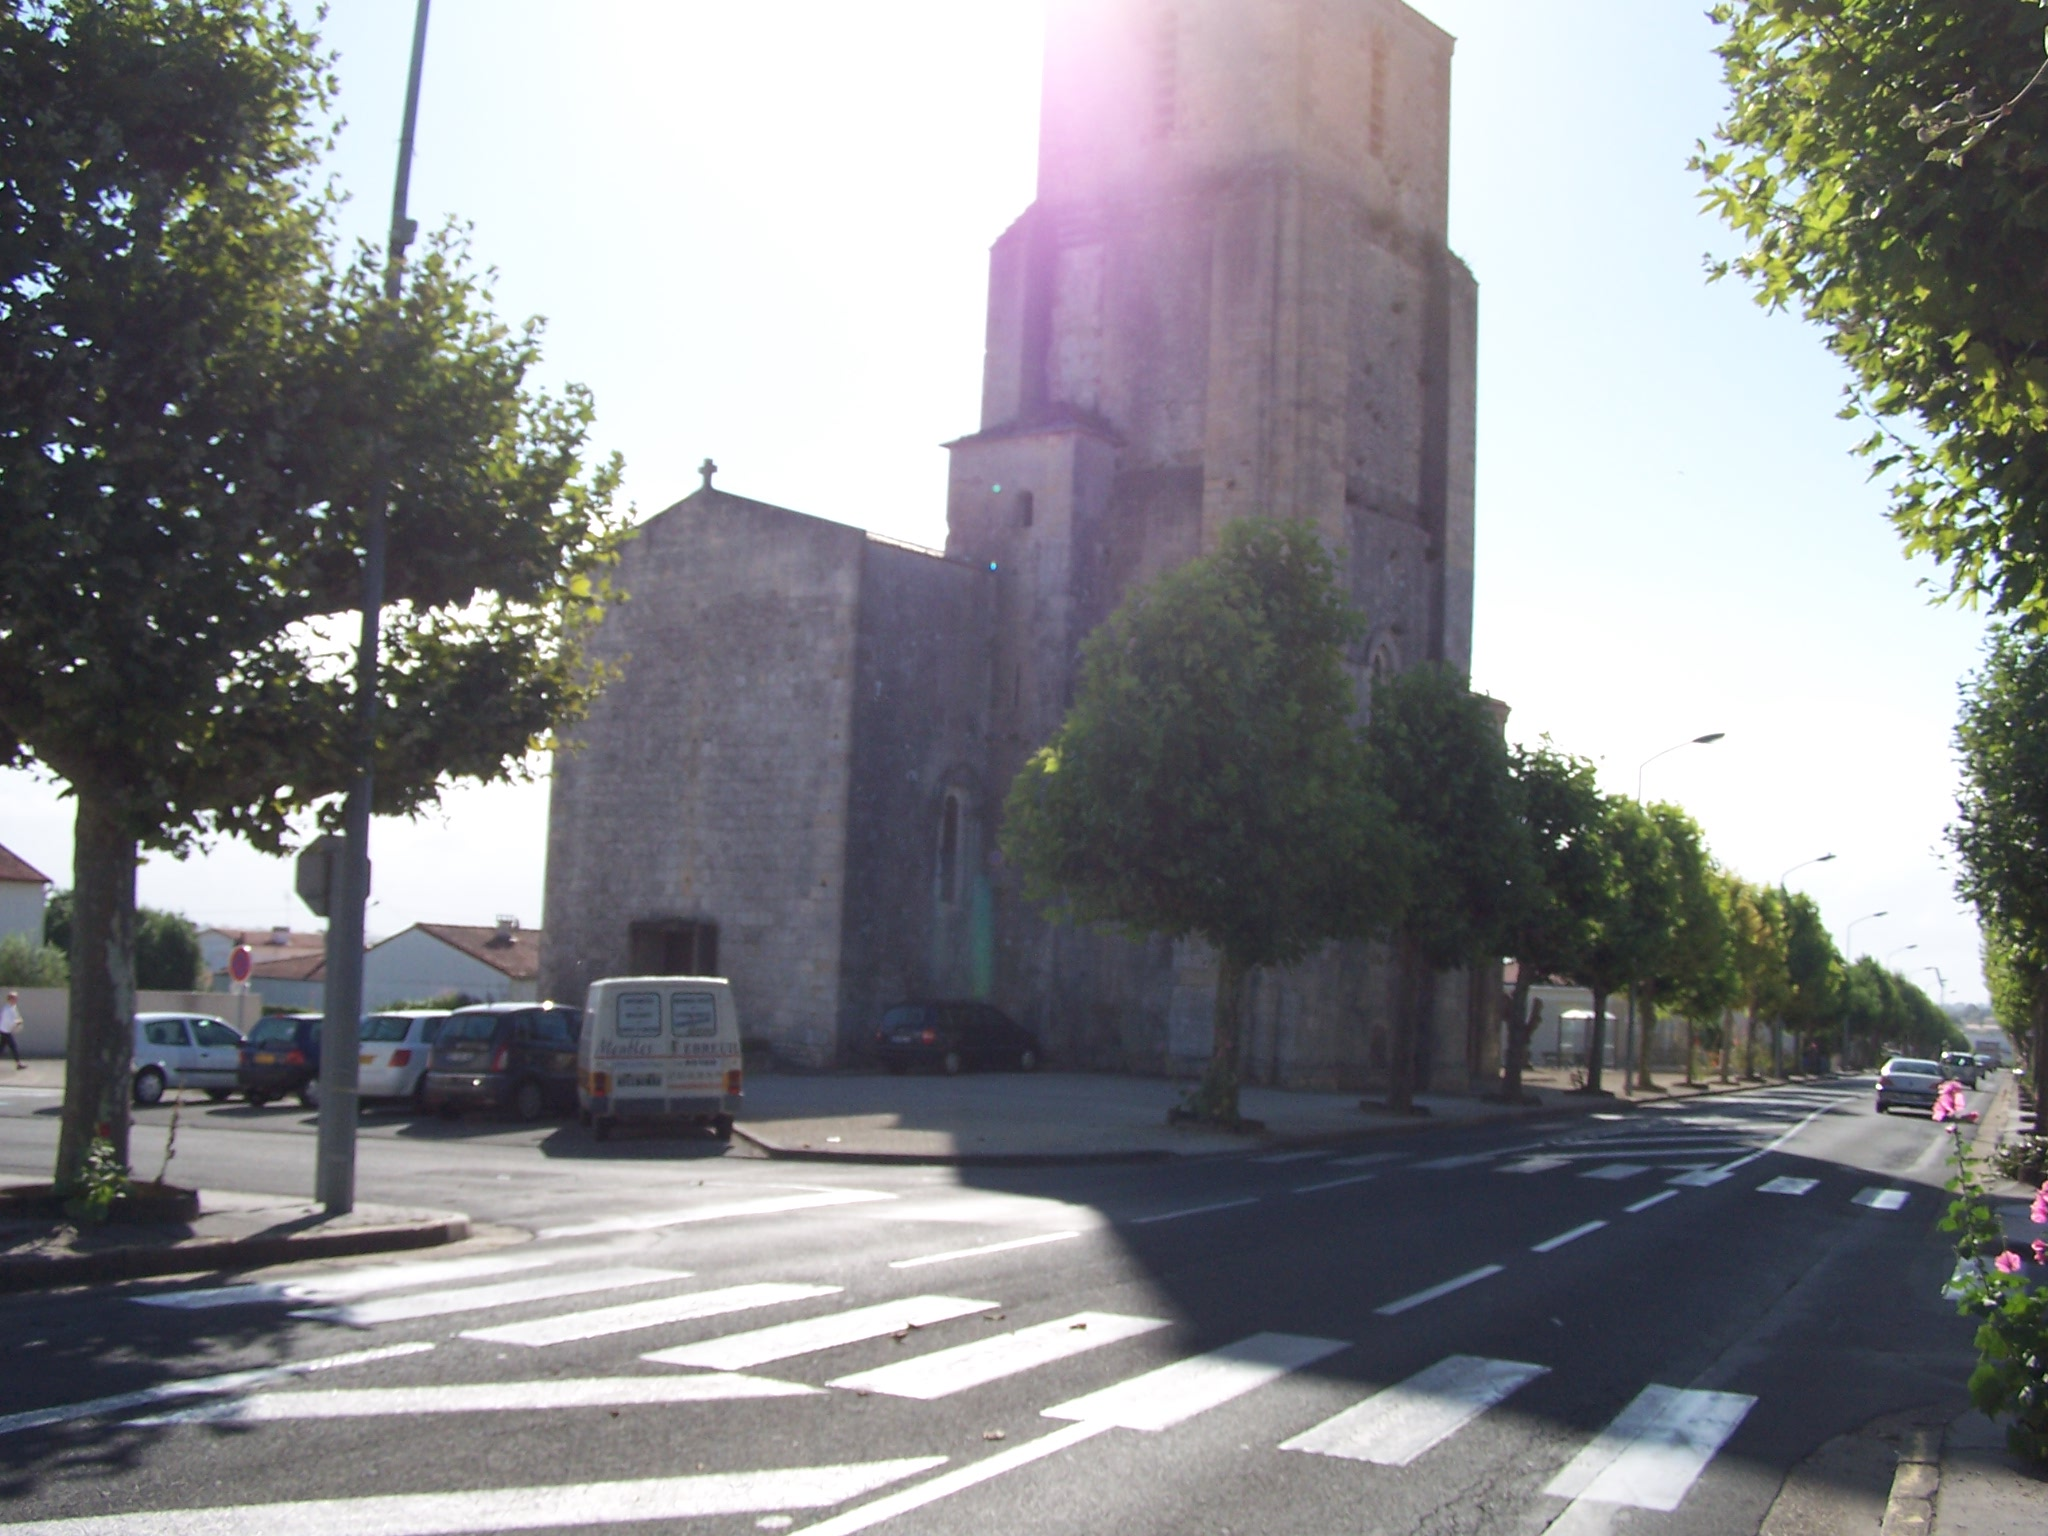 boulevard clemenceau-existant-parvis